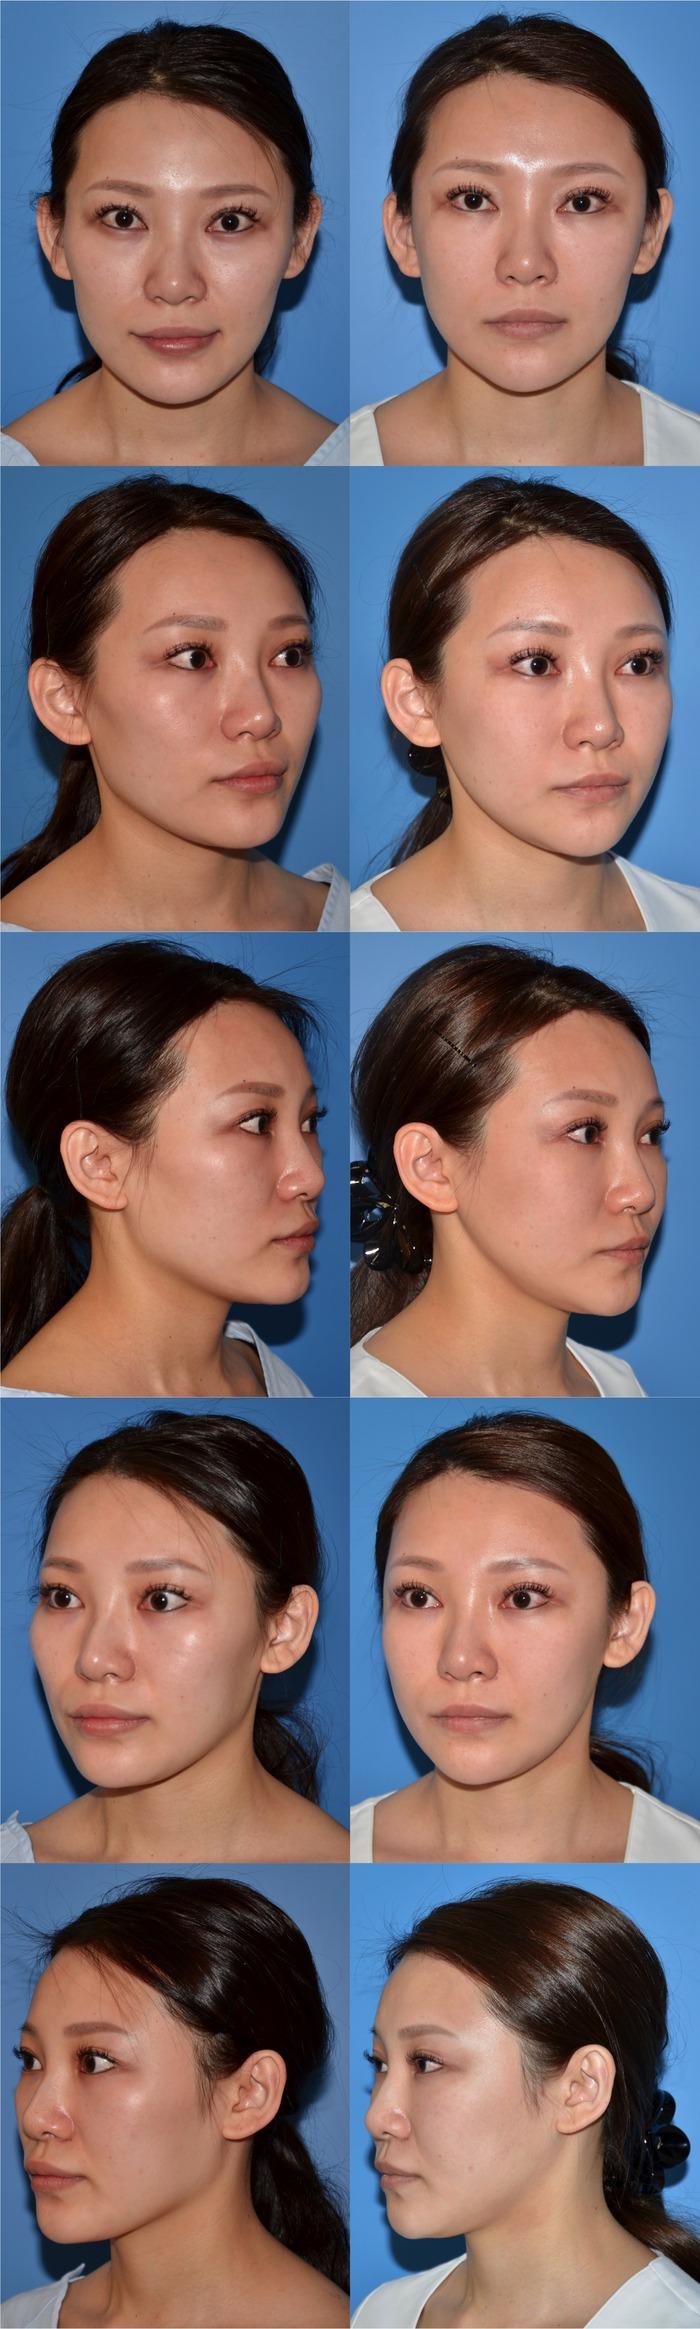 二重埋没法 顔脂肪注入 頬骨エラ顎削り術後 6ヶ月